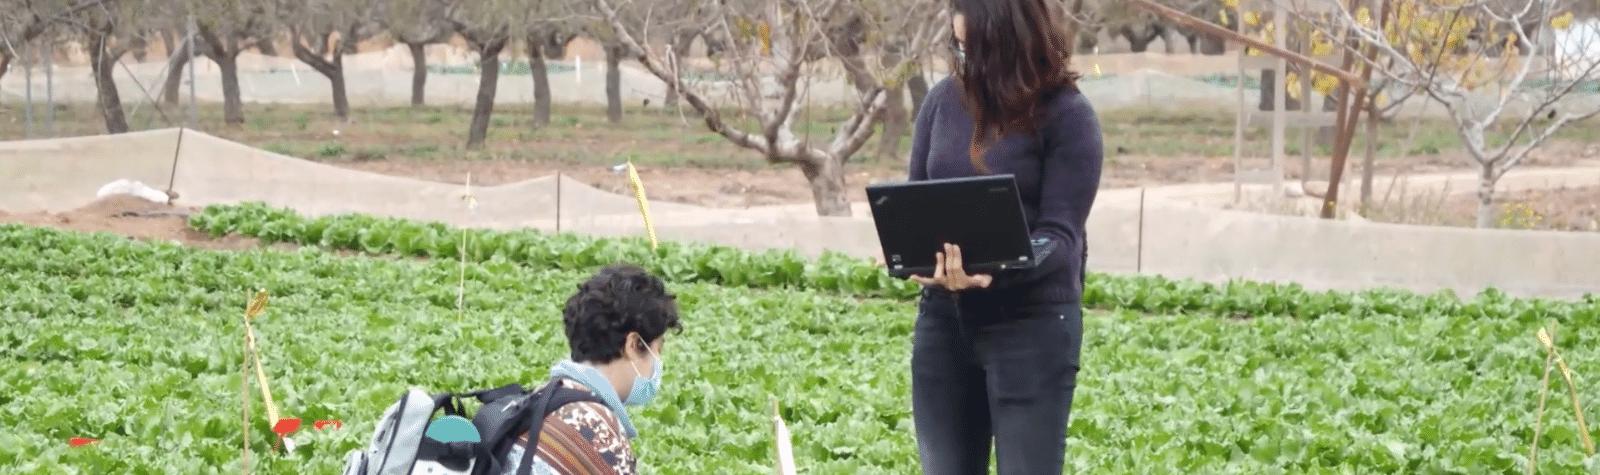 Nuevas técnicas para mejorar la eficiencia de la fertirrigación